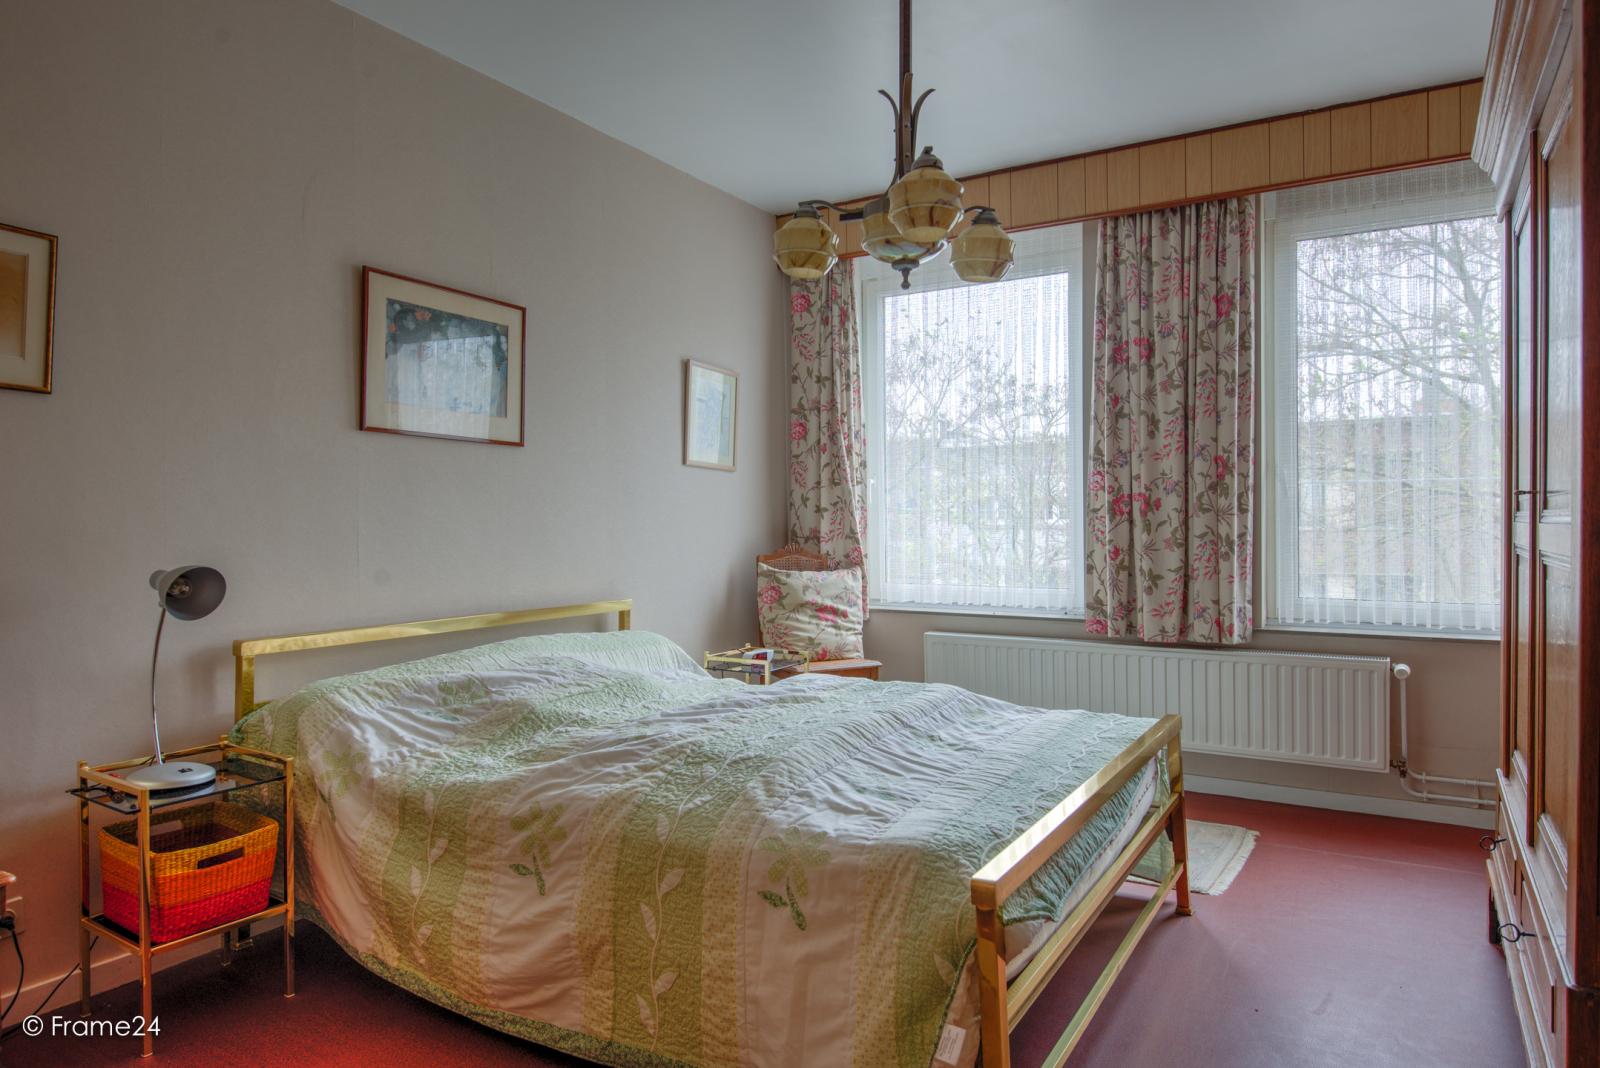 Zeer verzorgde bel-étagewoning met drie slaapkamers op toplocatie te Wijnegem! afbeelding 18